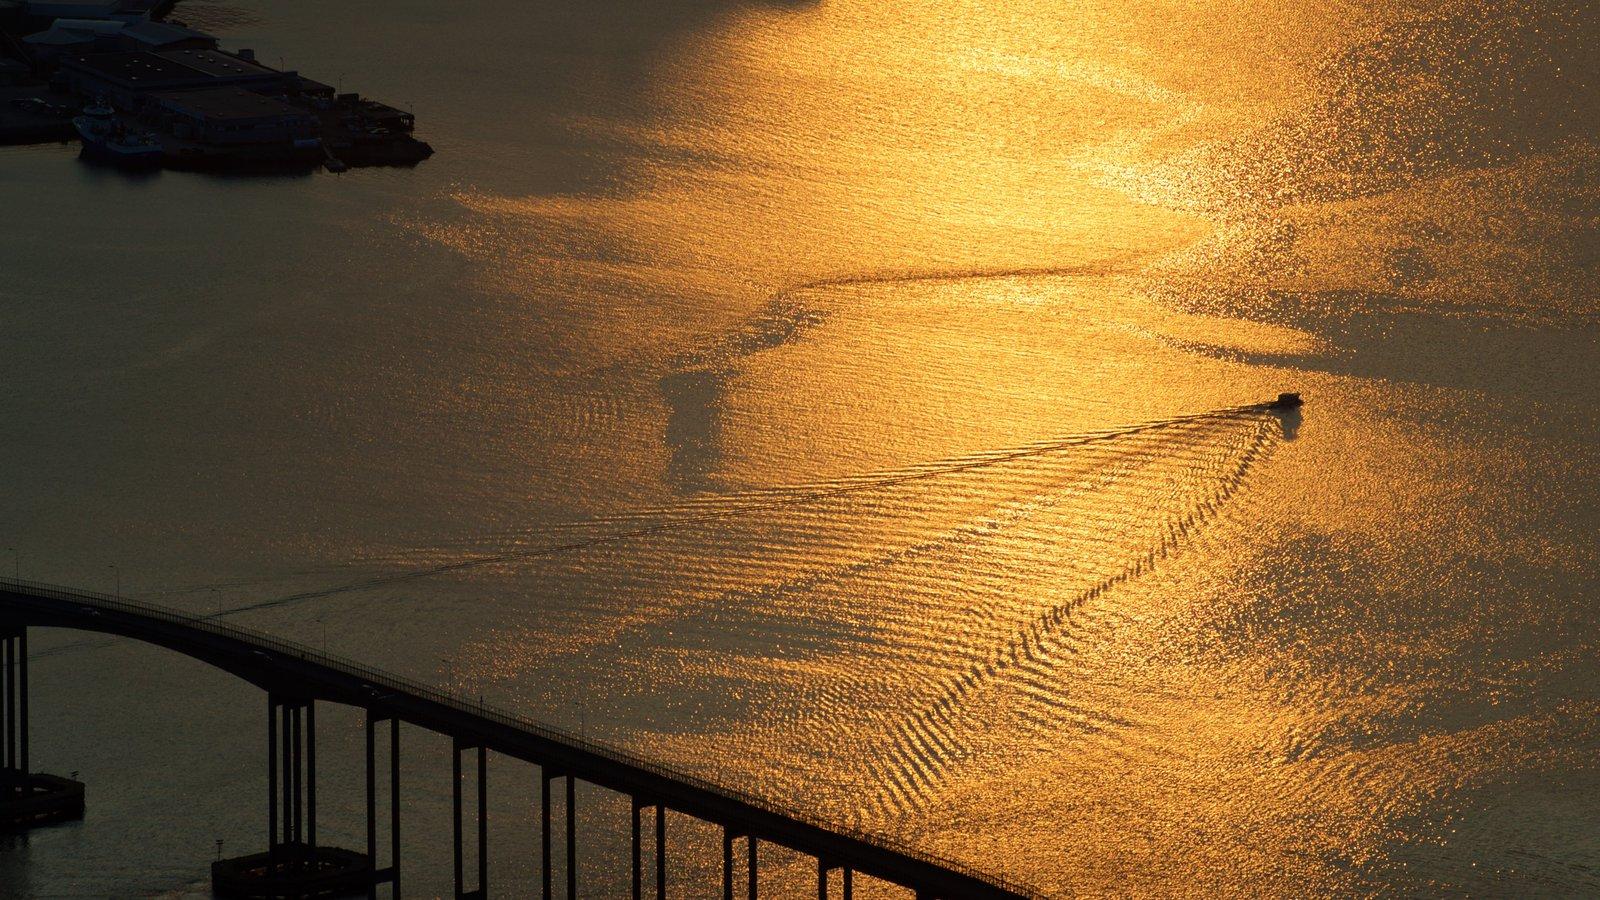 Tromso mostrando um pôr do sol e paisagens litorâneas